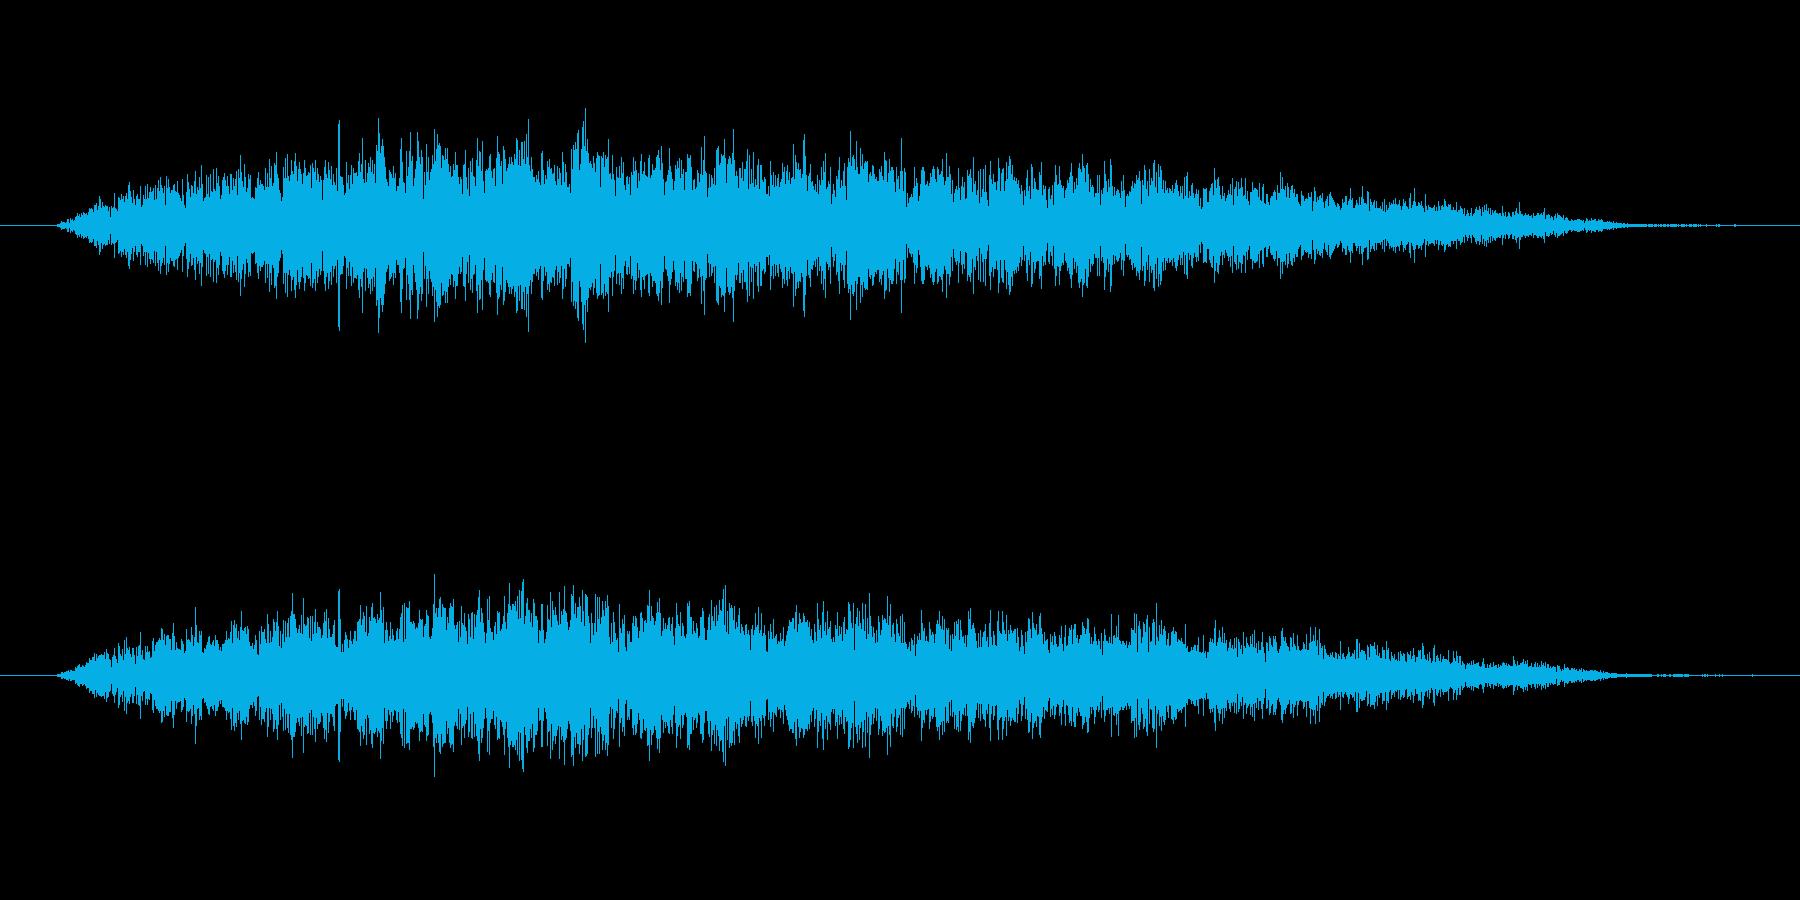 宇宙船が通りすぎる音の再生済みの波形